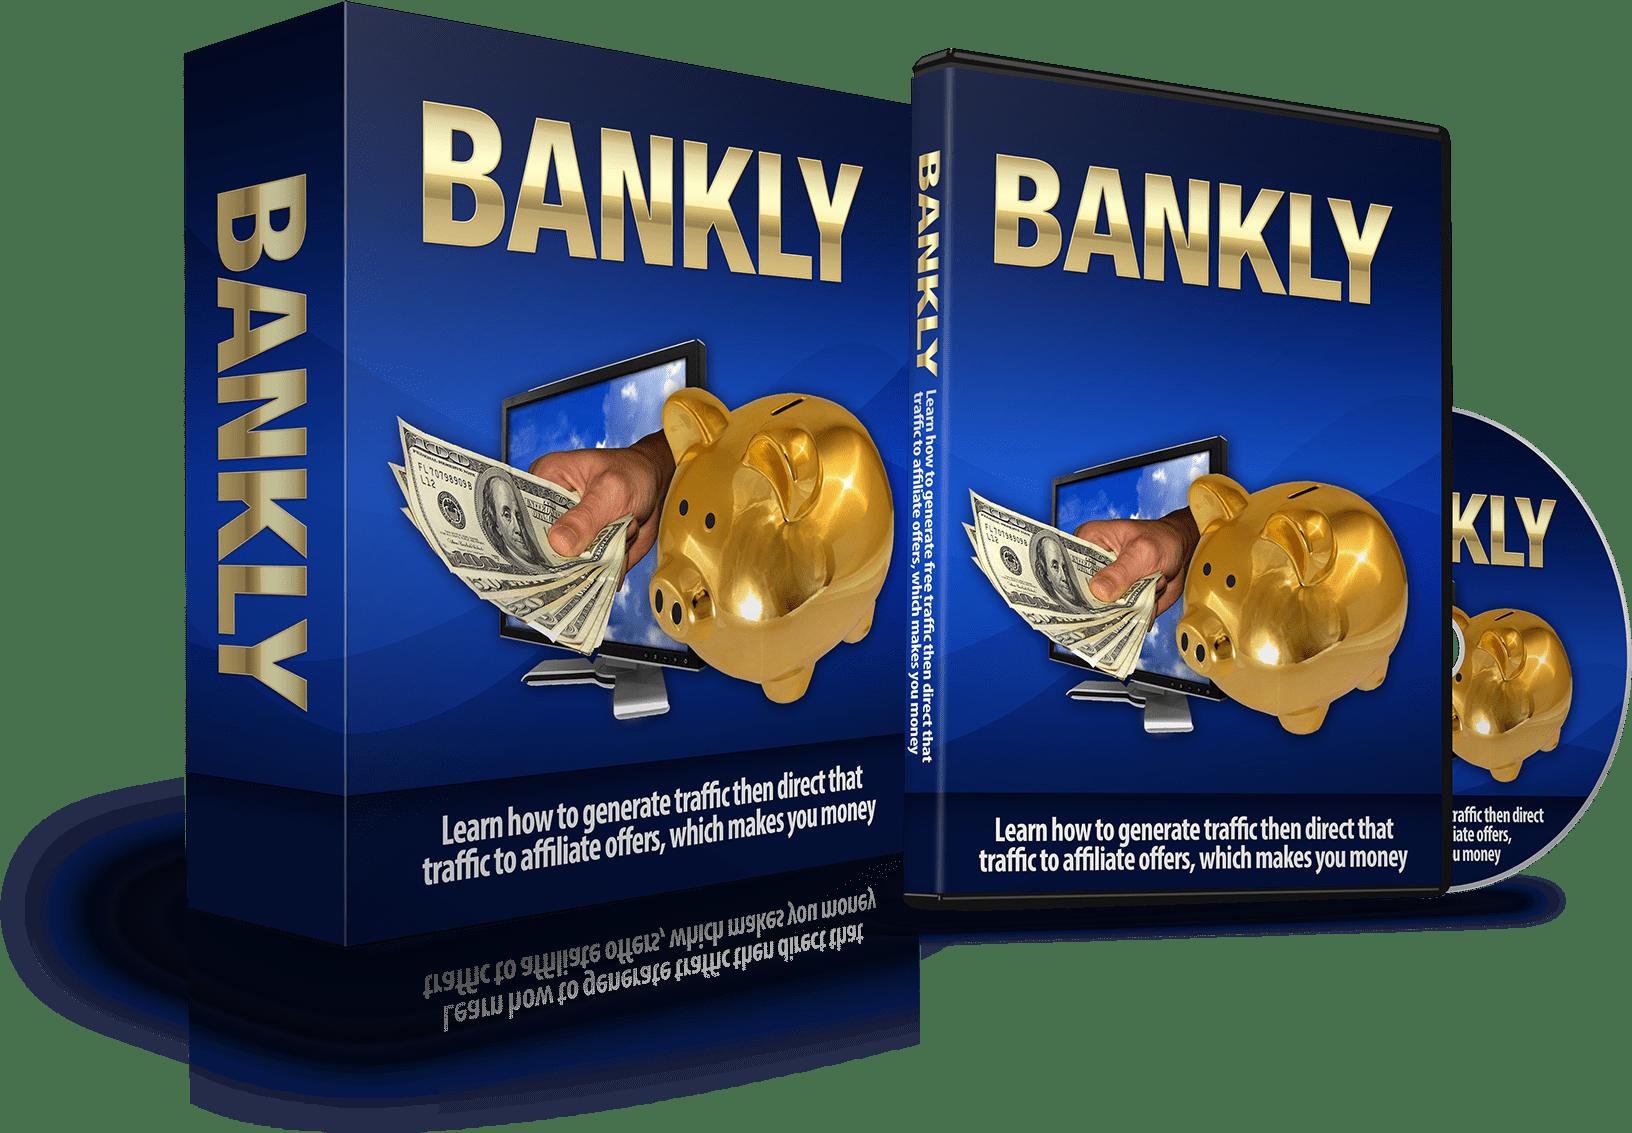 超级简单的系统 + 零经验 + 新手友好 = 每天赚0美元(Bankly)